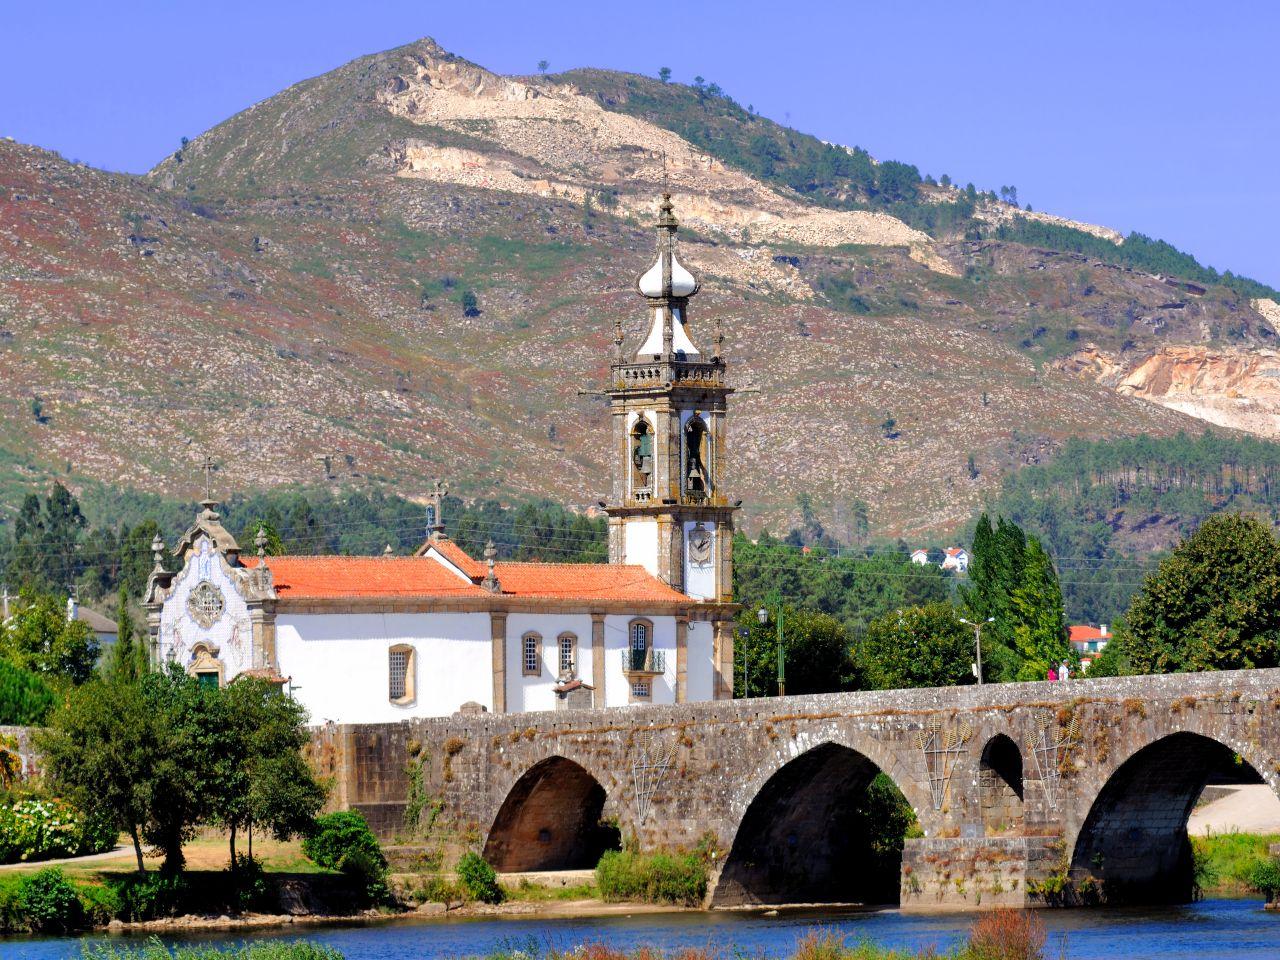 portugal-ponte-de-lima-san-antonio-kirche-tmax-fotolia-x